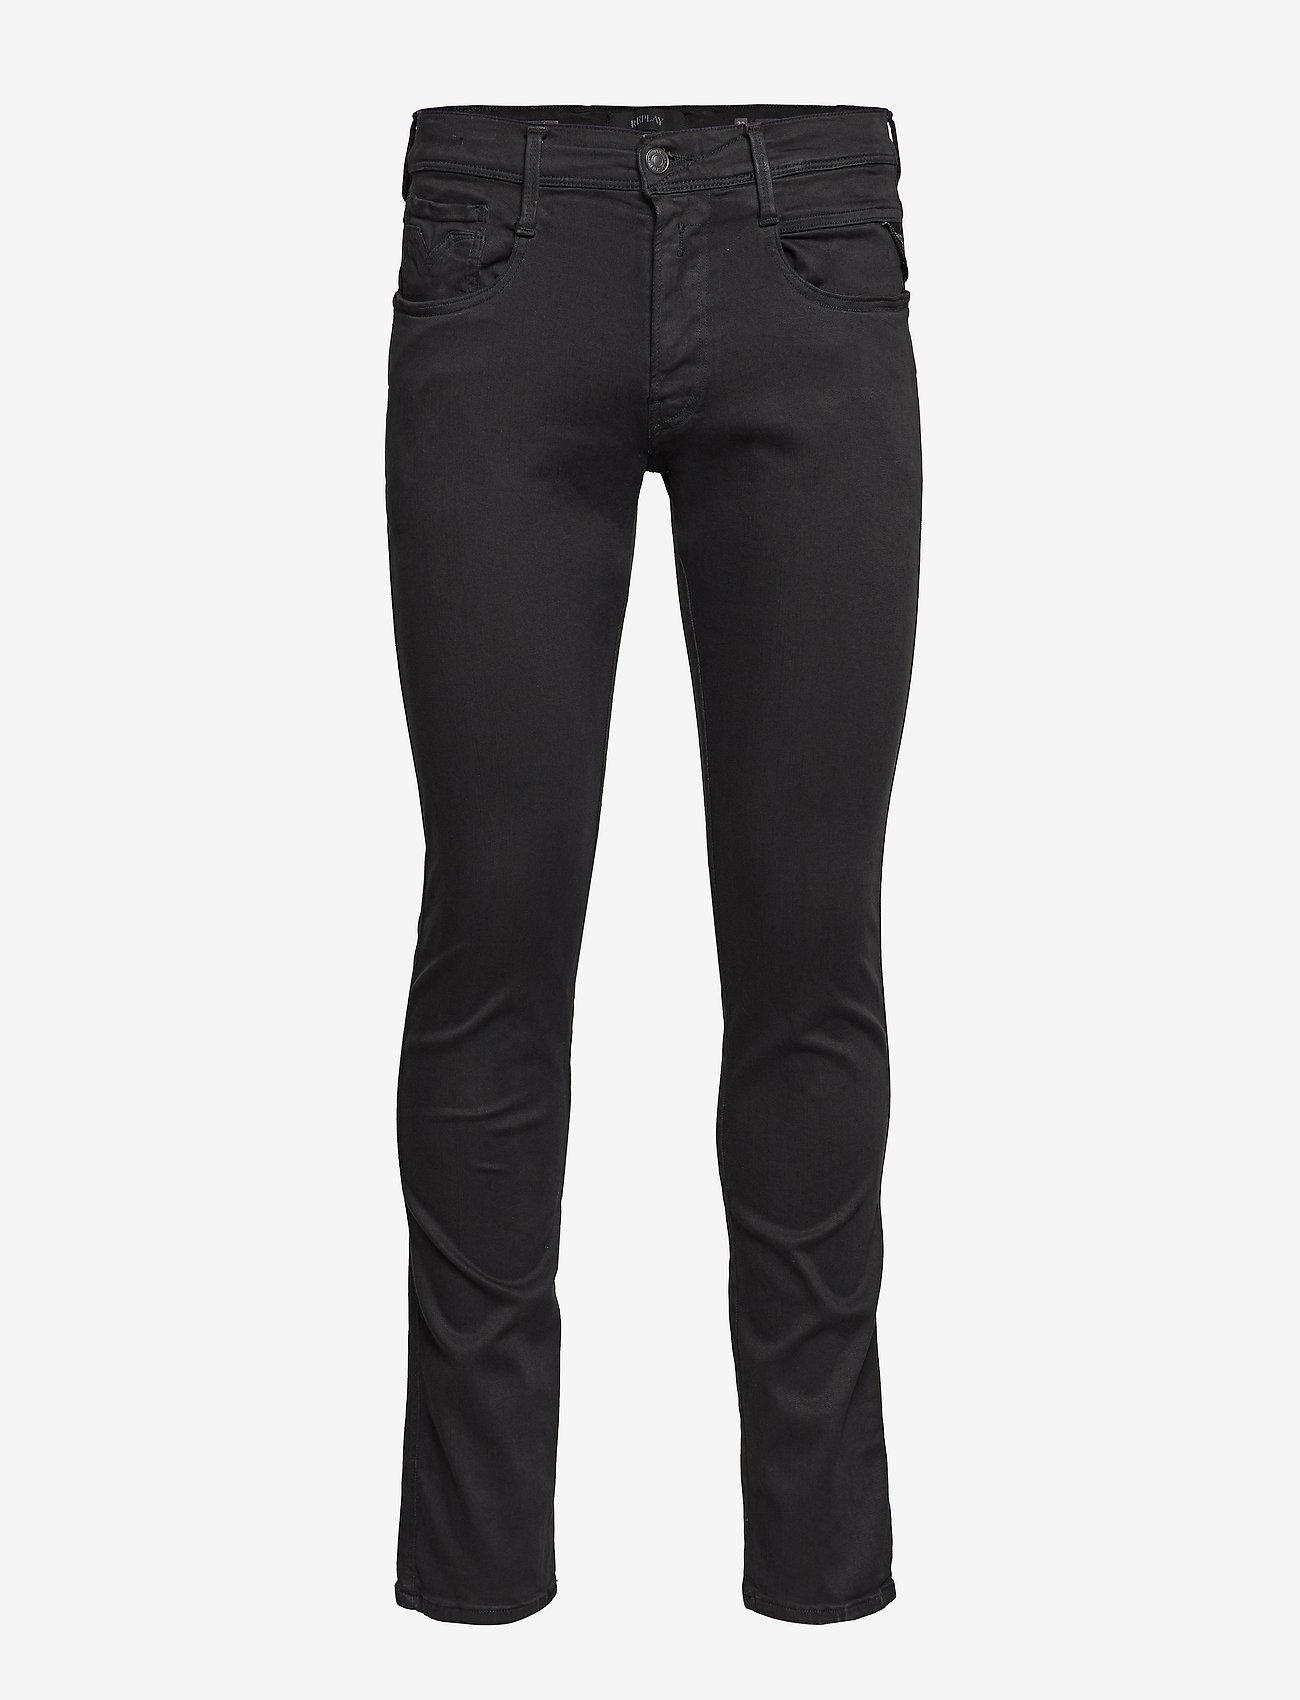 Replay ANBASS - Jeans BLACK TlKBHv8Z